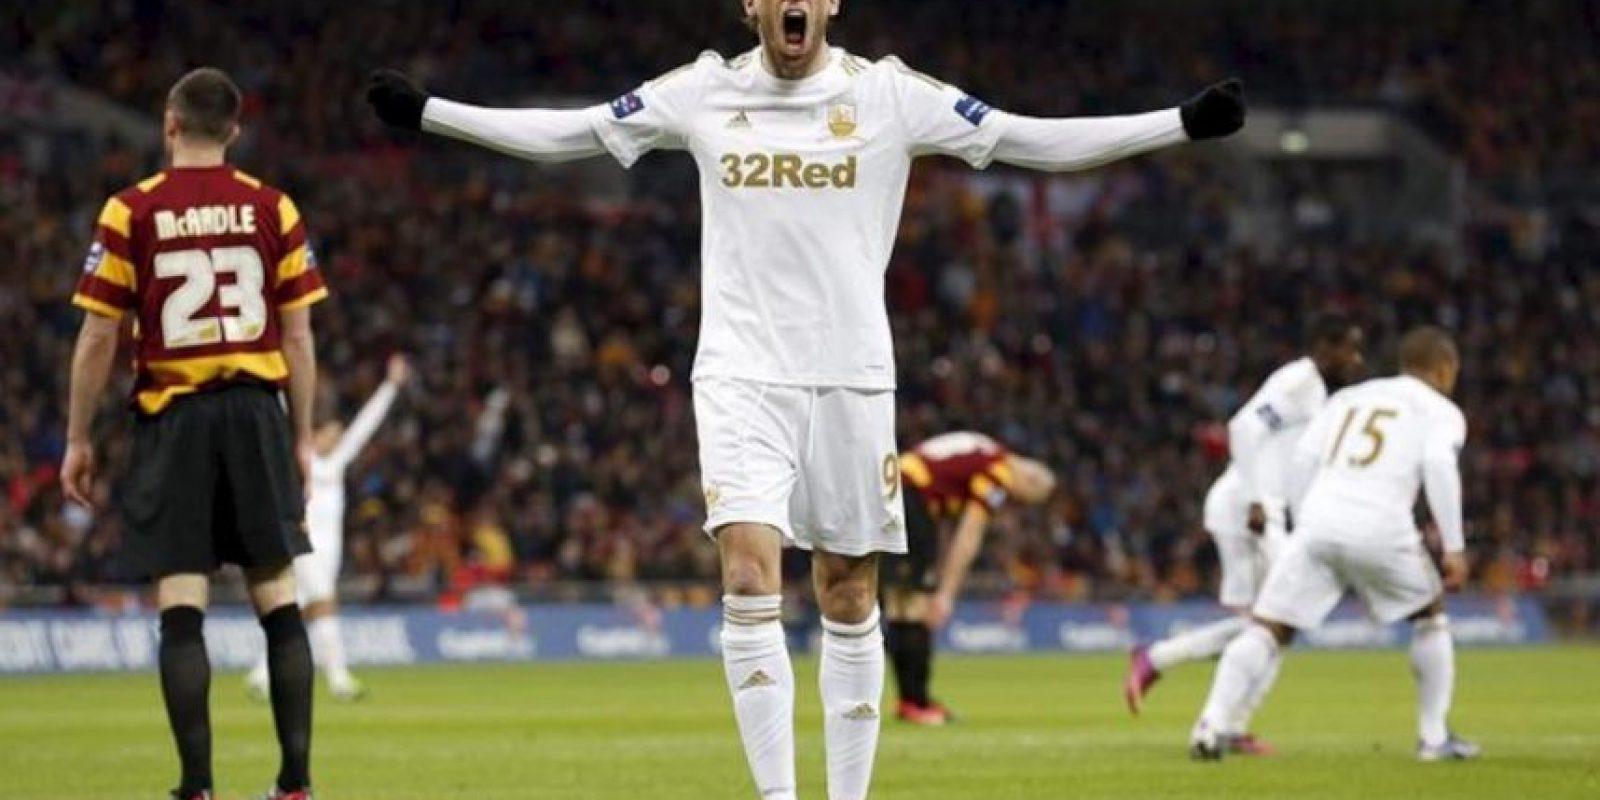 El jugador español Miguel Michu (c) celebra uno de los goles de su equipo, el Swansea, contra el Bradford City durante la final de la Copa de la Liga en Wembley de Londres, Reino Unido. EFE